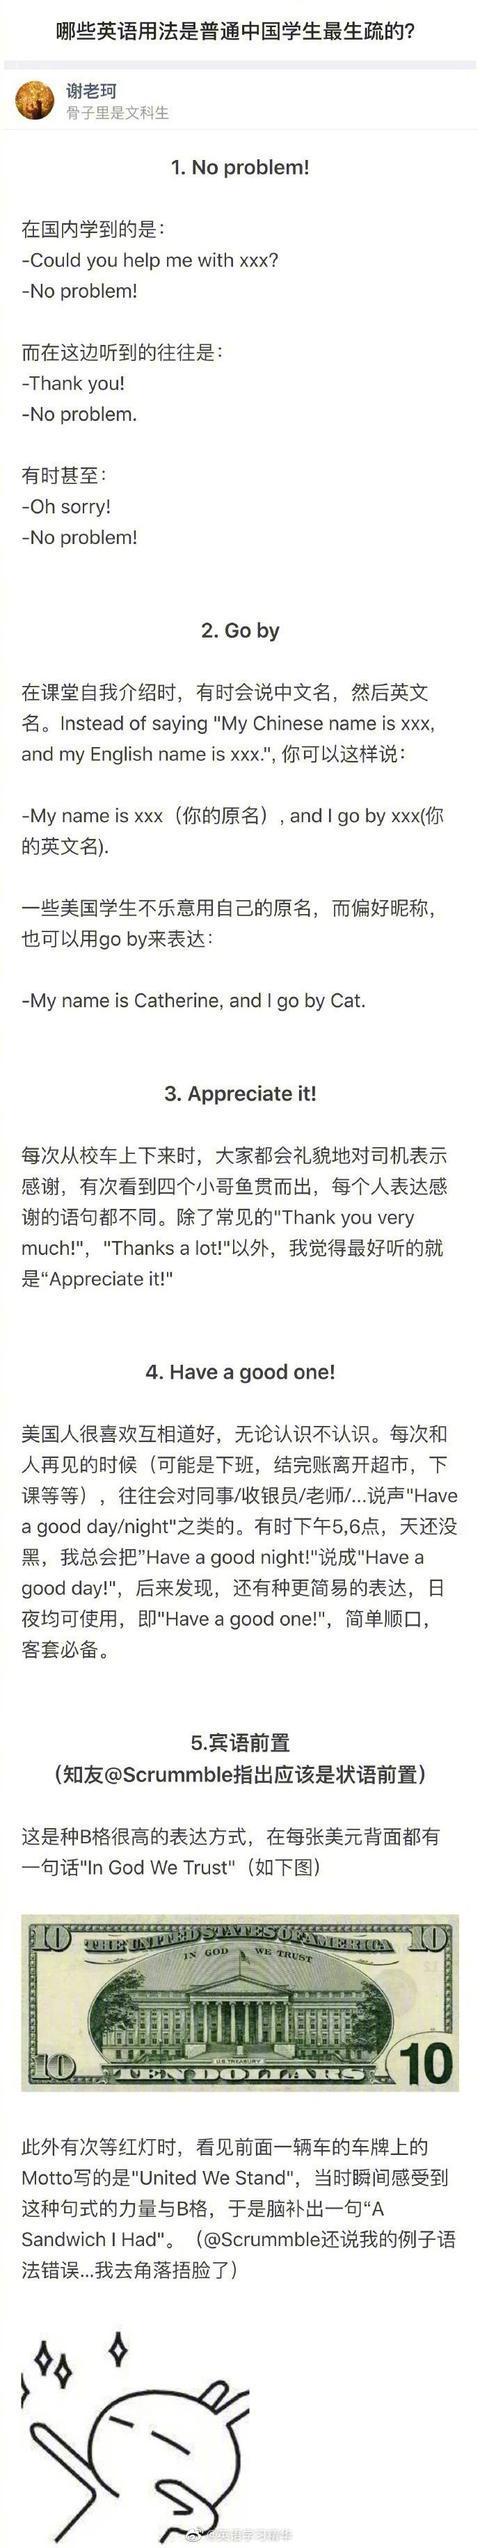 英语短句,40个地道英语短语的用法,强烈推荐收藏学习